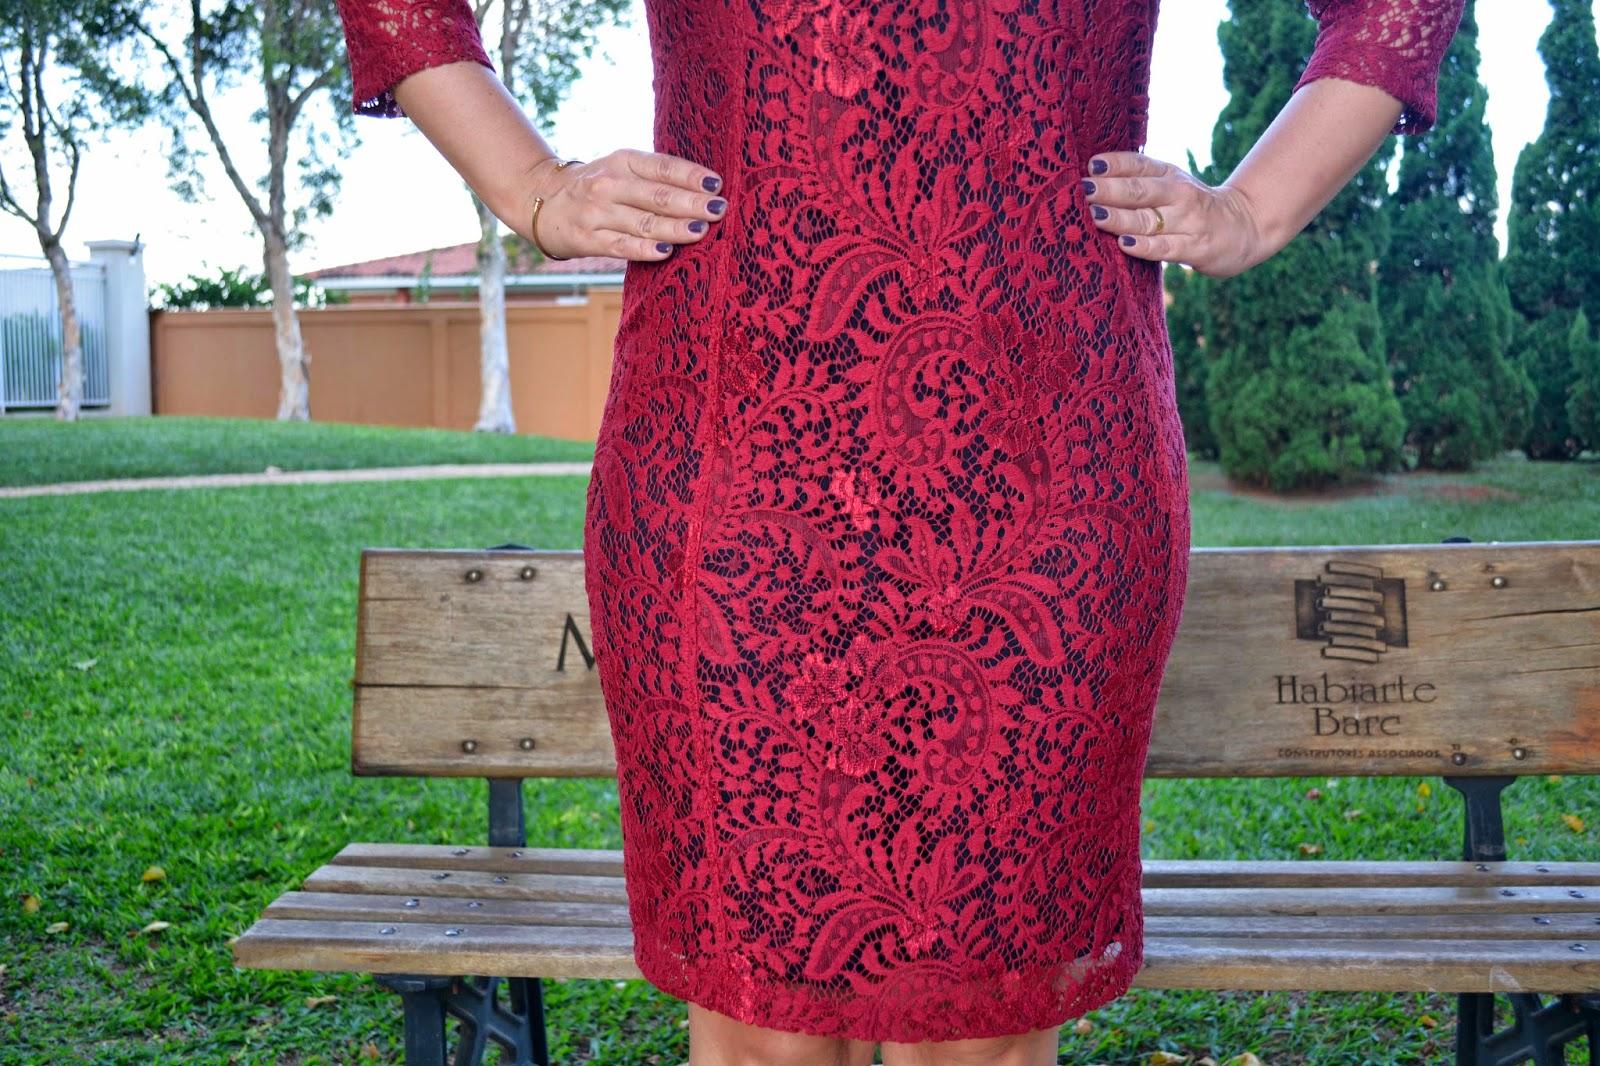 vestido renda guipir, renda vermelha, vestido vermelho de renda, scarpin dourado, clutch animal print, carmen steffens, blog camila andrade, pamela zanadréa, blog de moda em ribeirão preto, fashion blogger